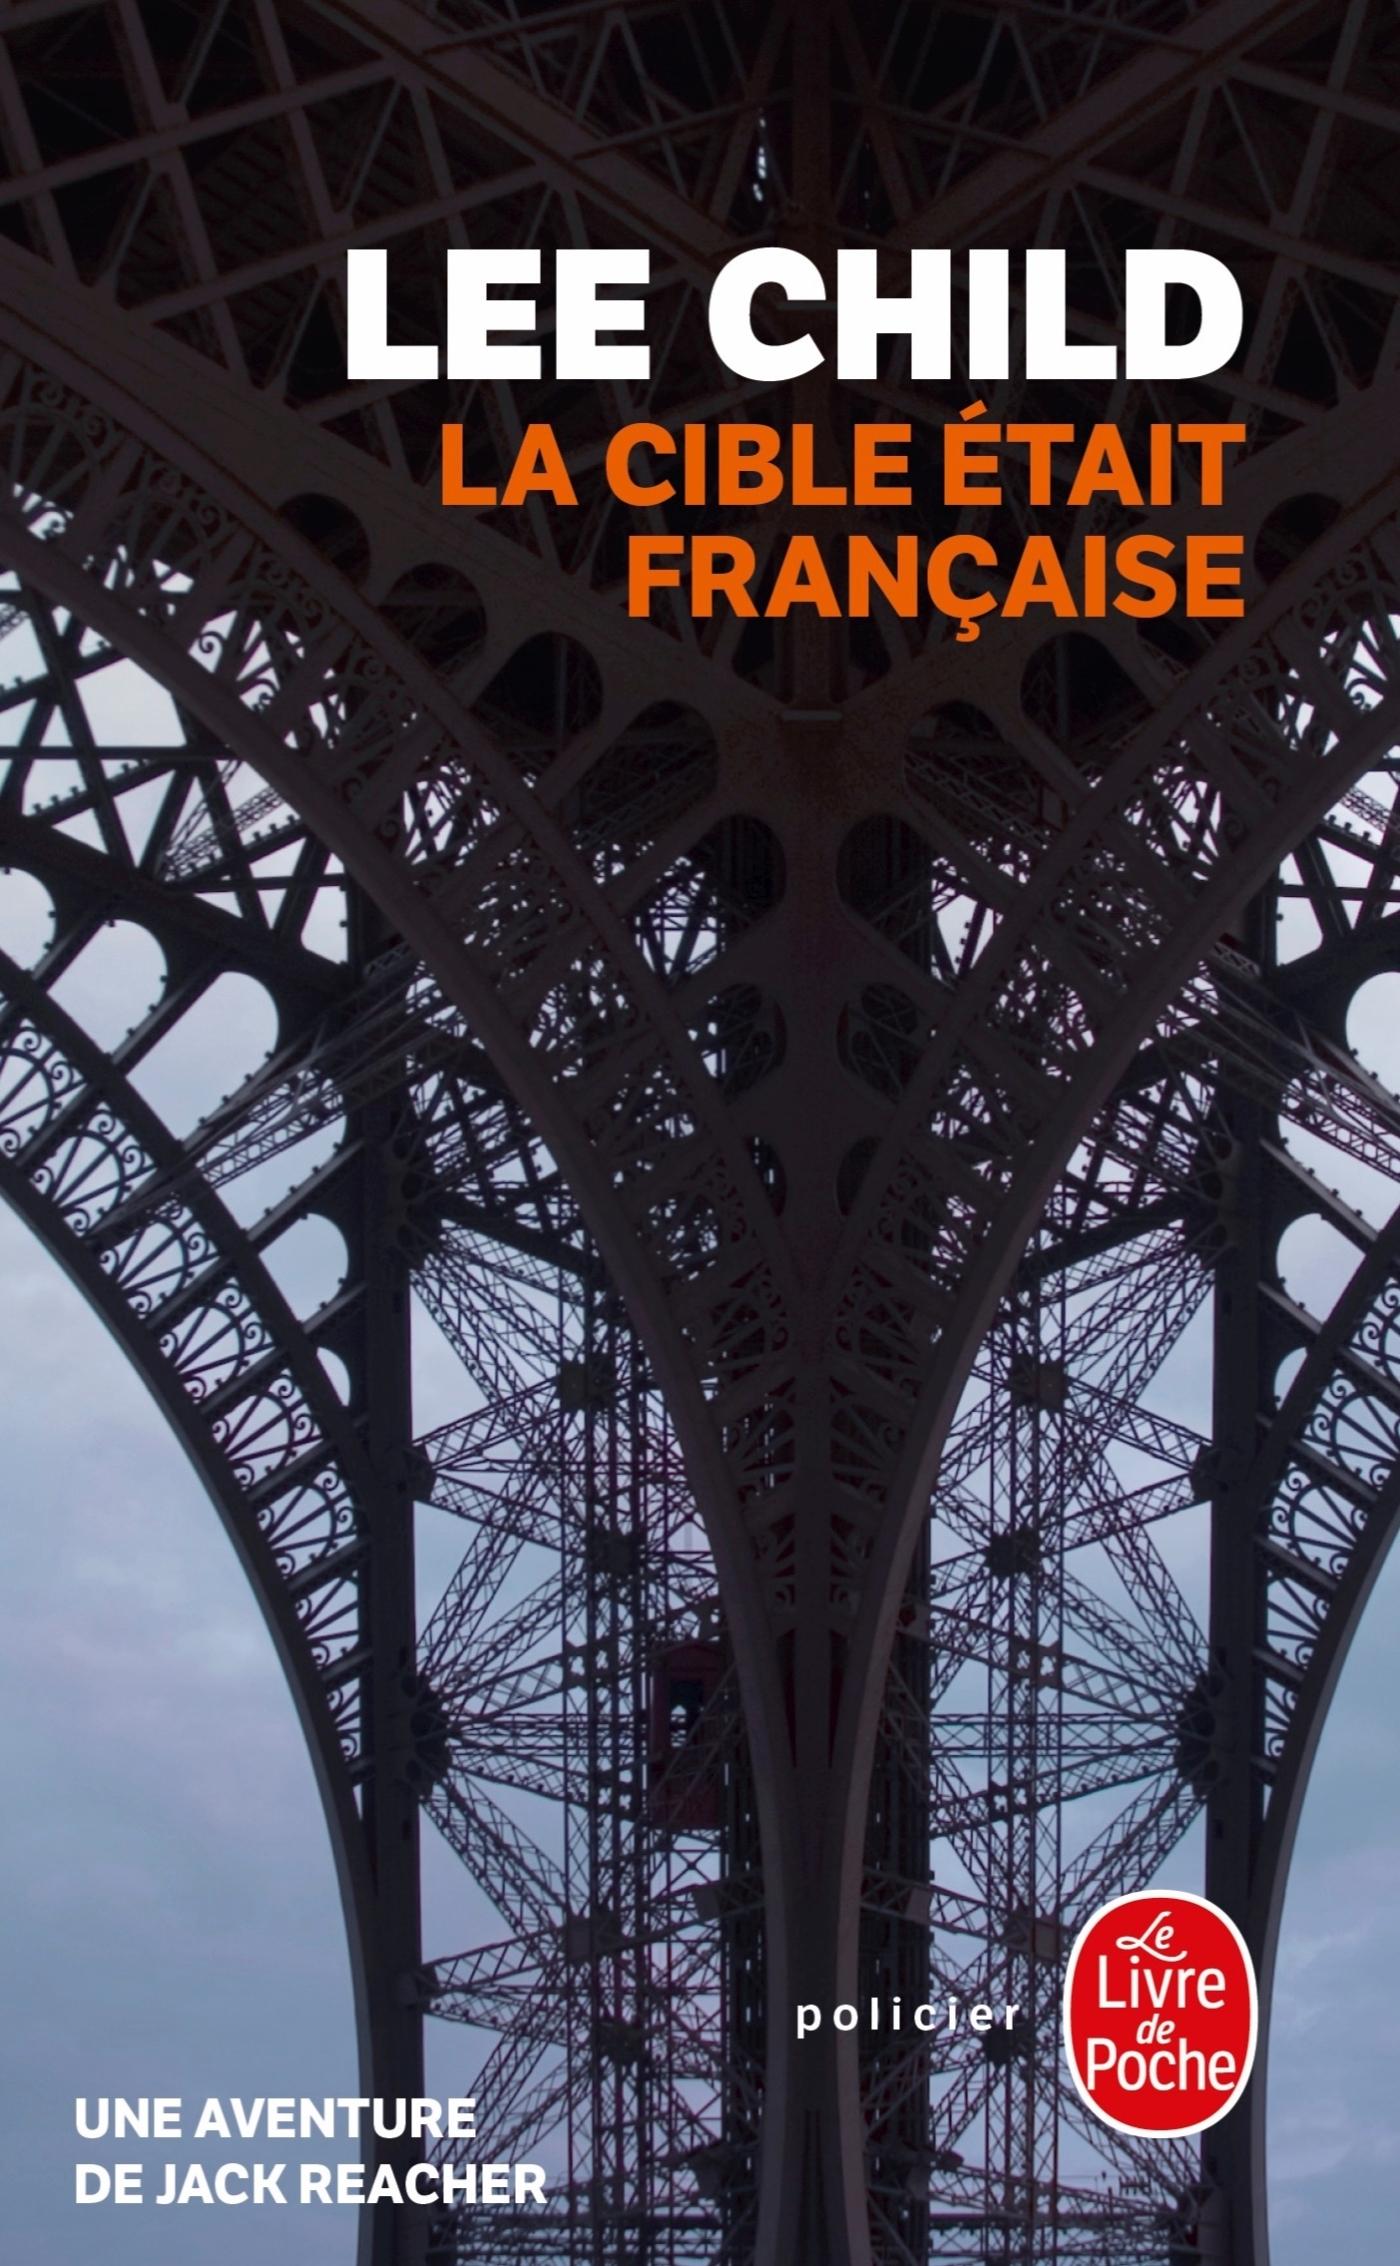 LA CIBLE ETAIT FRANCAISE